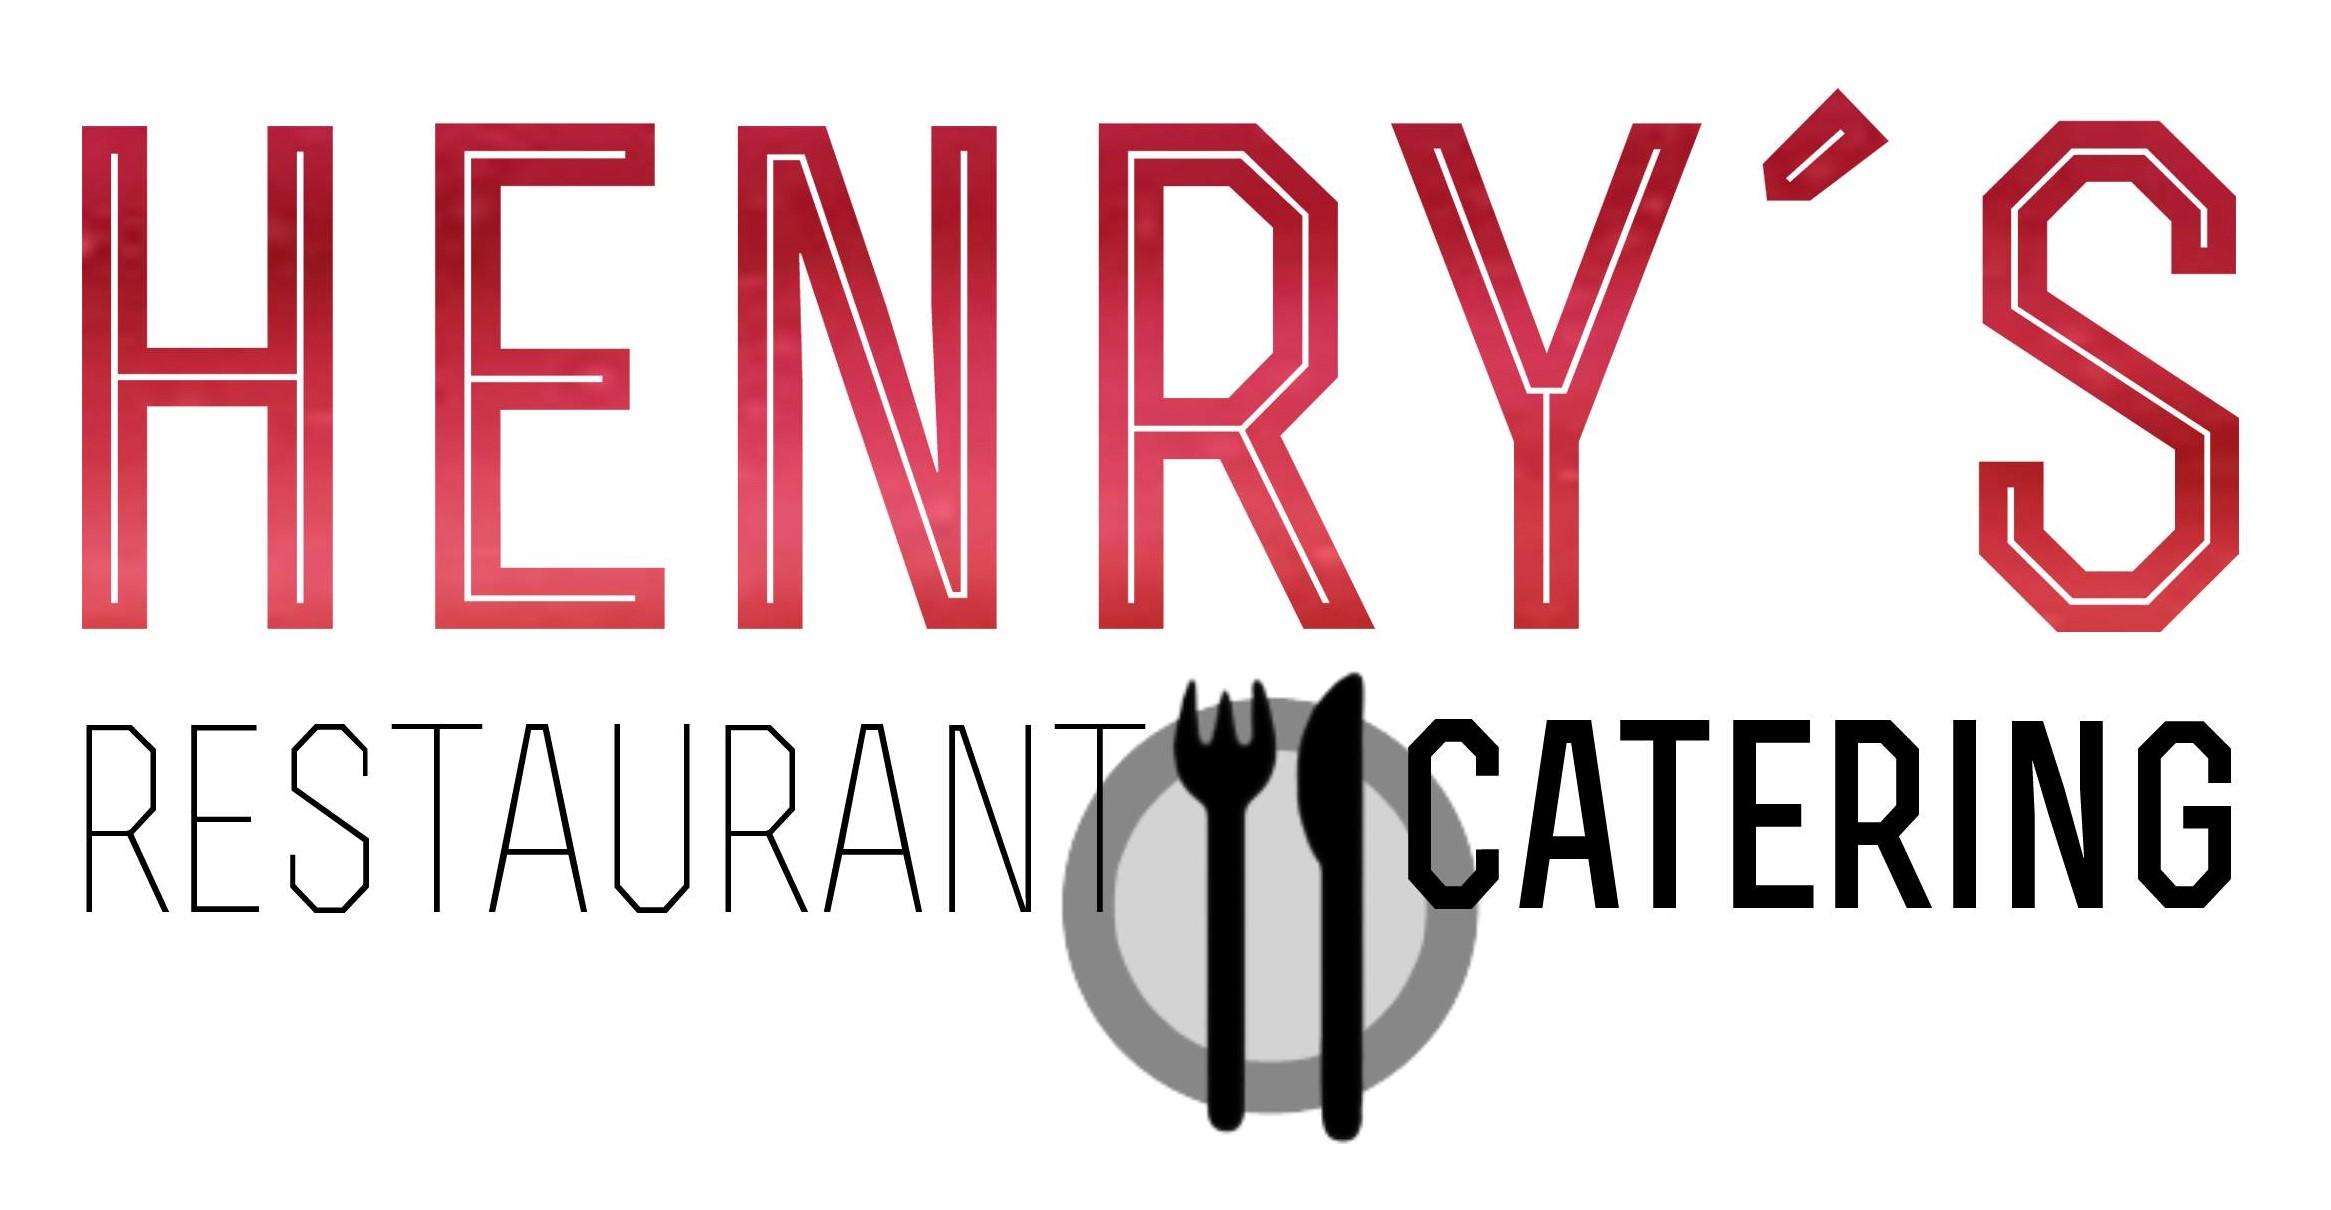 Henrys Catering & Restaurant